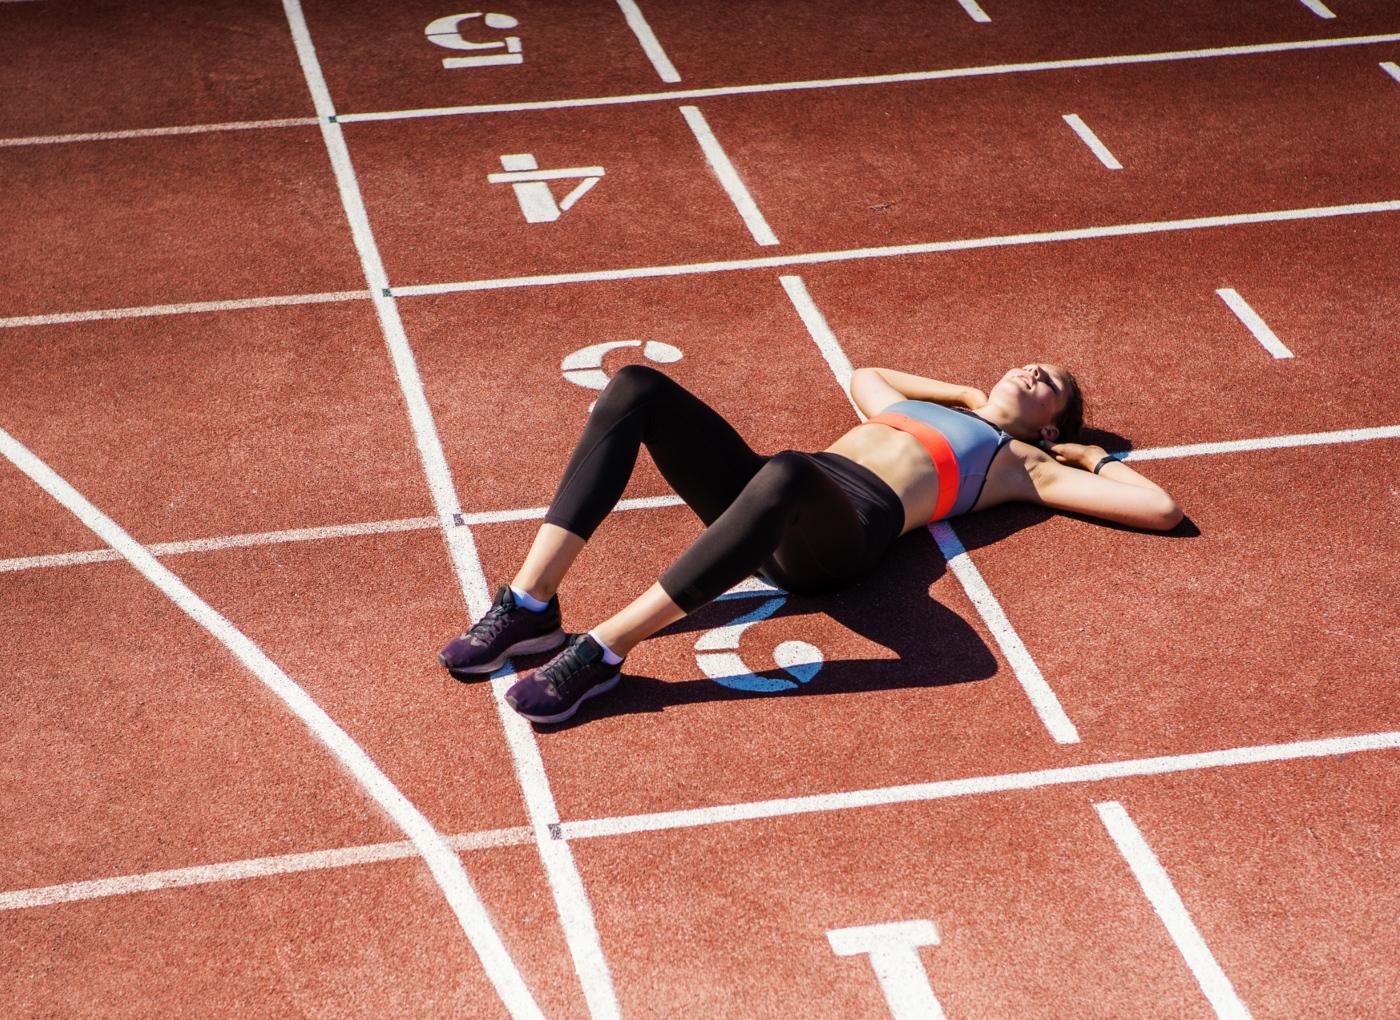 Mulher deitada numa pista de atletismo a descansar